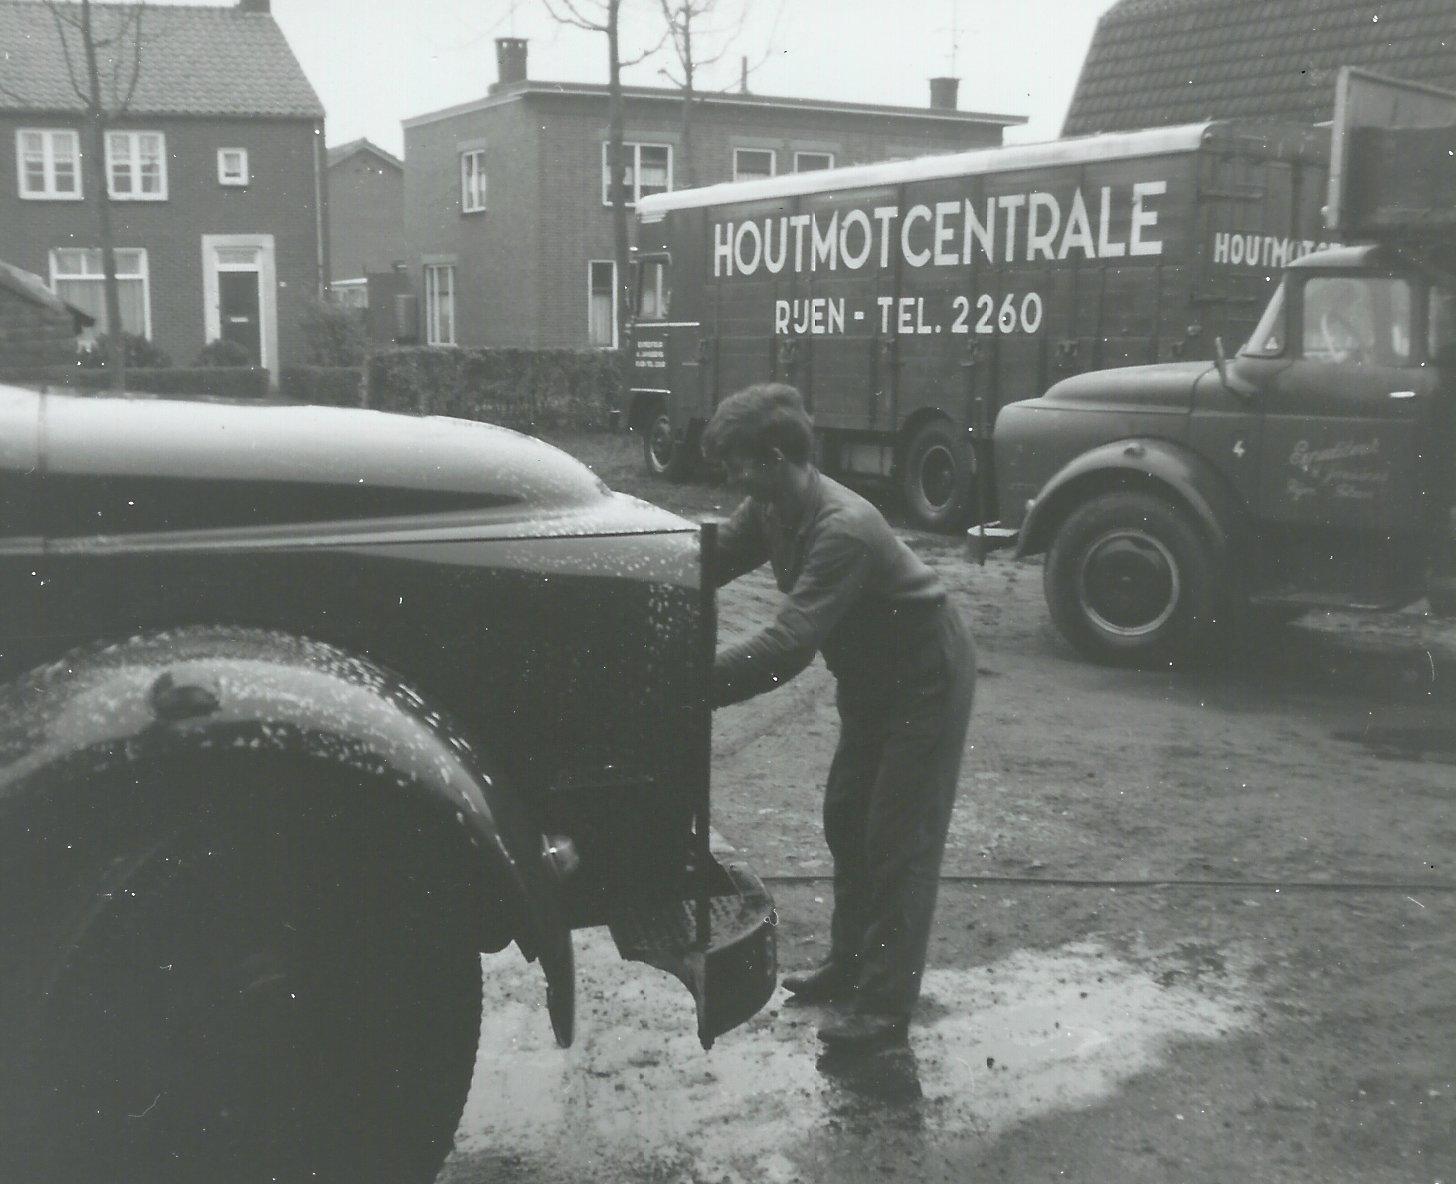 Houtmotcentrale-Rijen-zaterdags-wagens-wassen-met-slang-en-borstel-jaren-60--Piet-Janssens-foto.